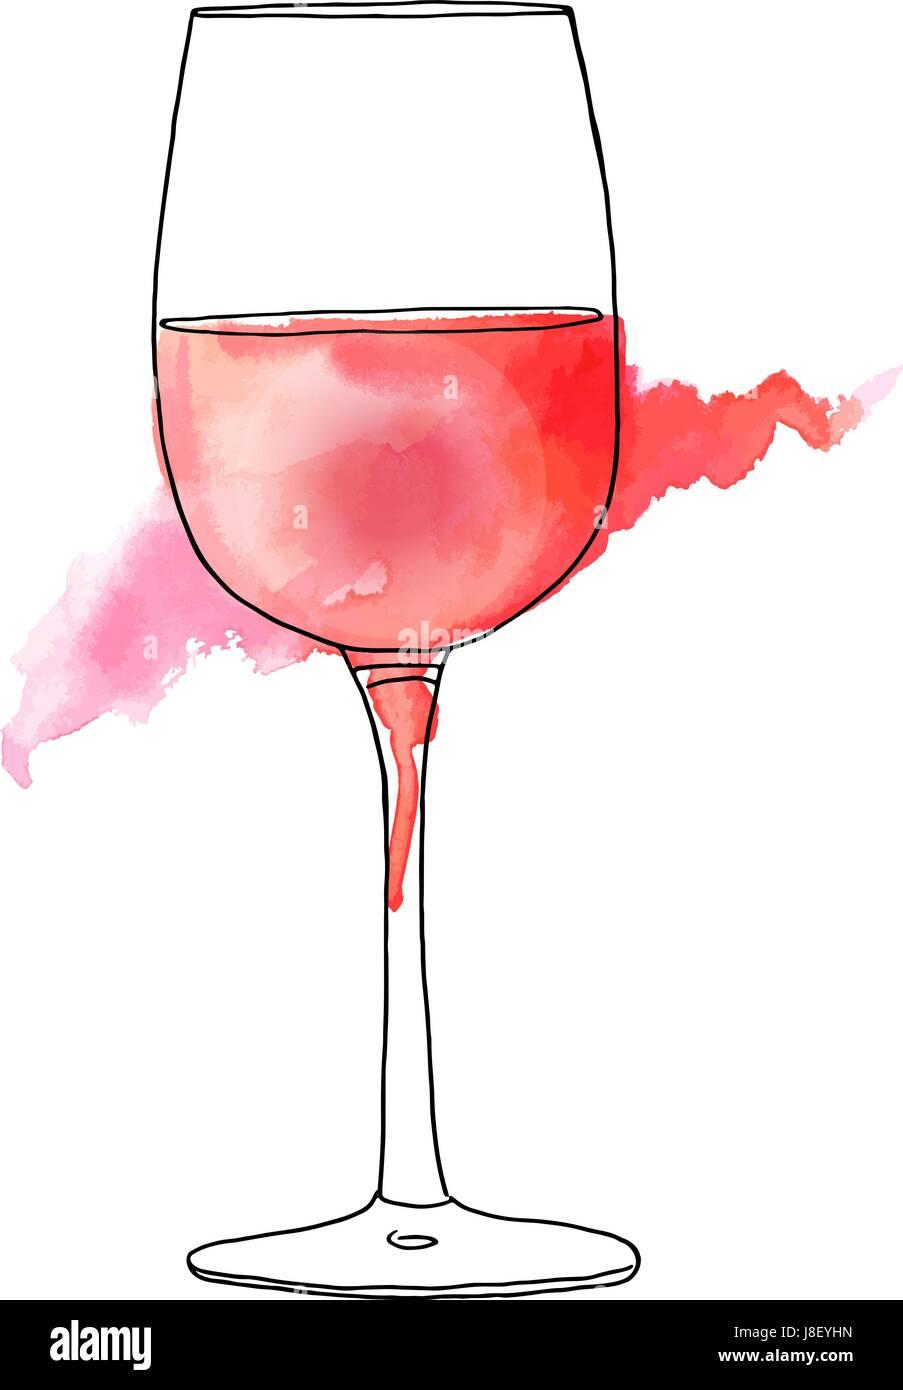 Sc nario et dessin aquarelle de verre de vin rose vecteurs et illustration image vectorielle - Verre de vin dessin ...